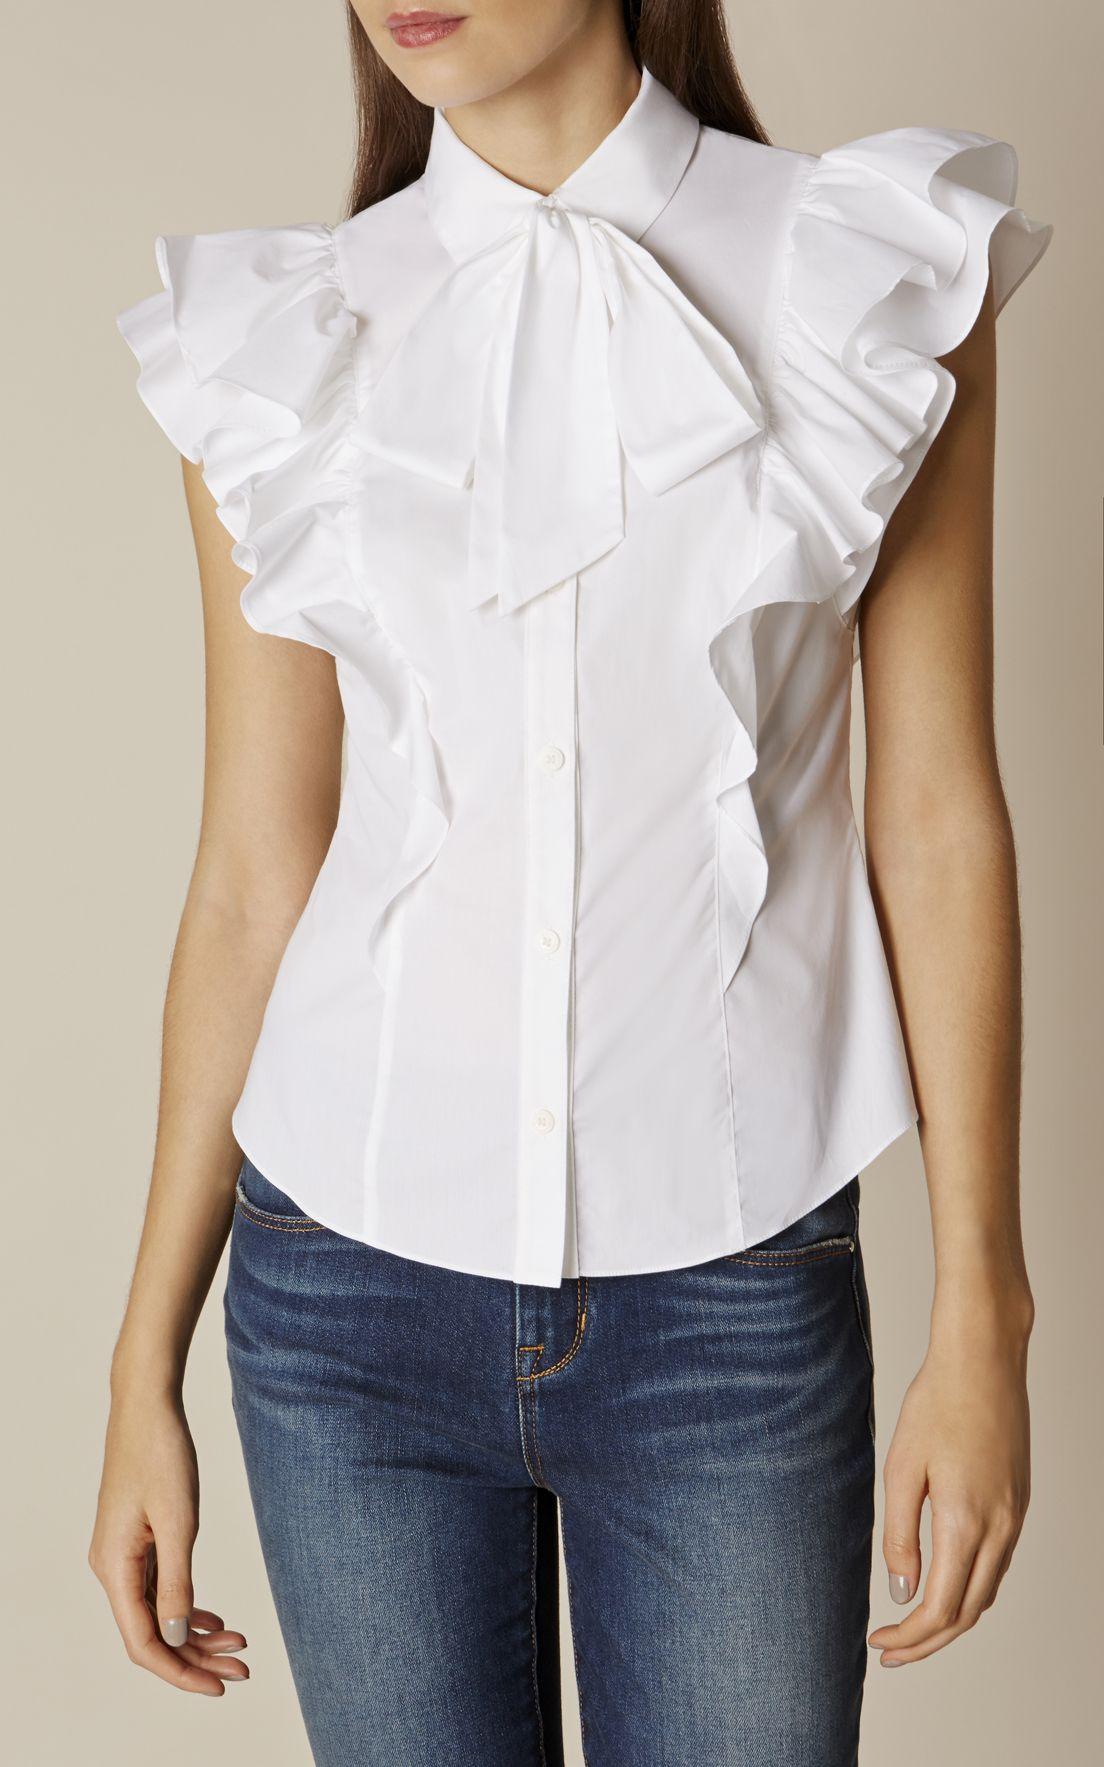 4c07a412b78daf Karen Millen, THE SUPER FRILL SHIRT White | Shirt/Top | Frill shirt ...